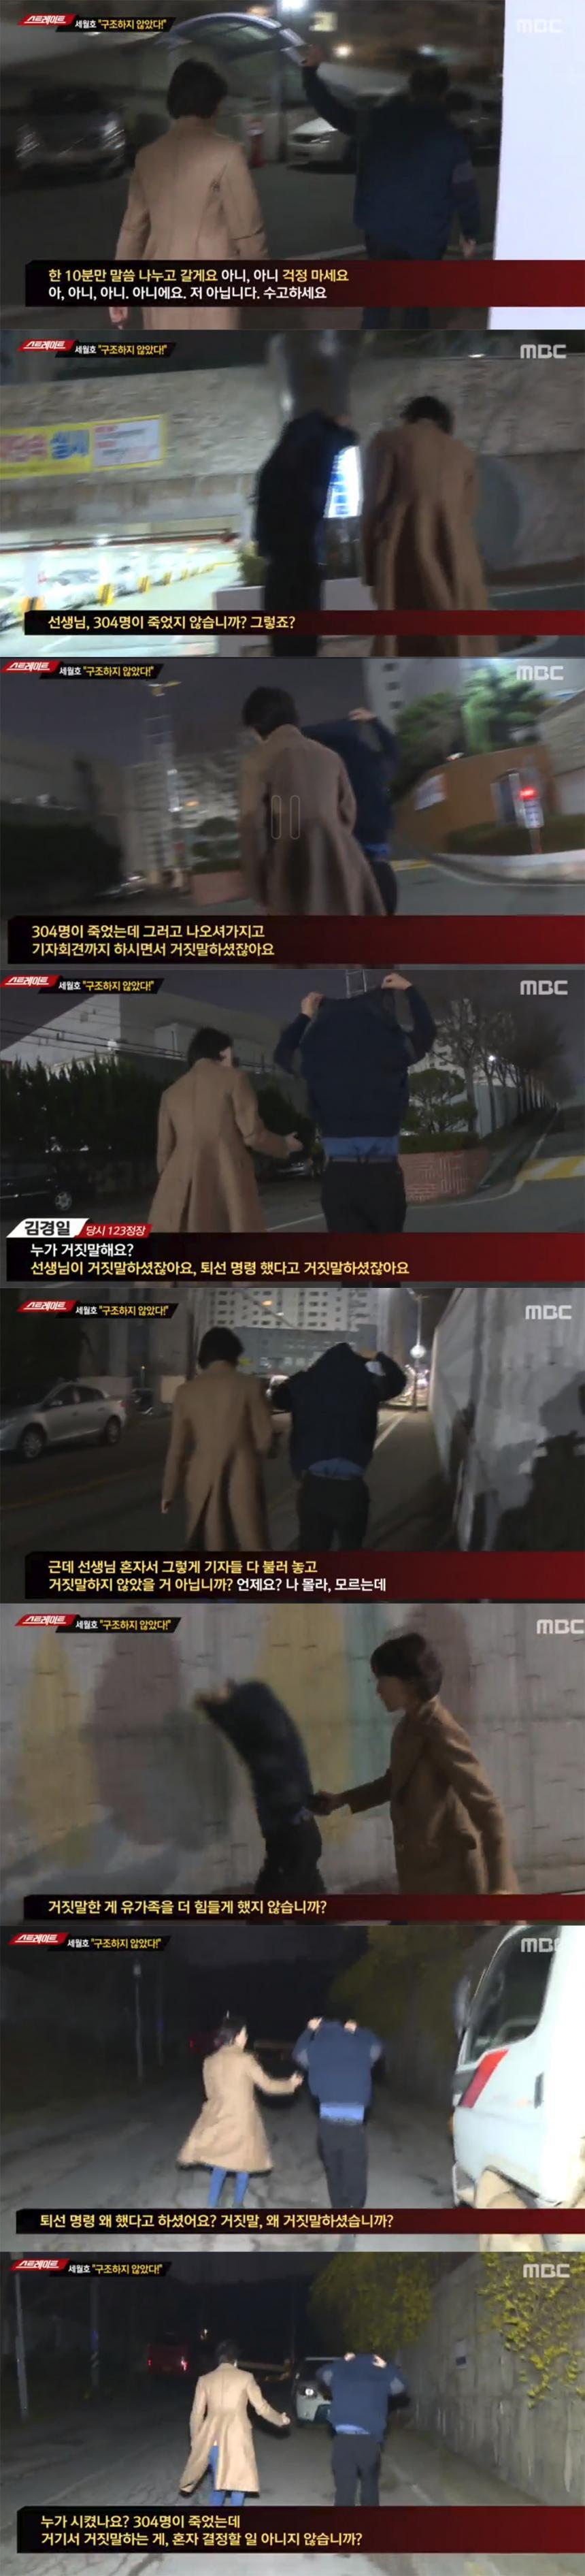 MBC 탐사기획 '스트레이트' 방송 캡처